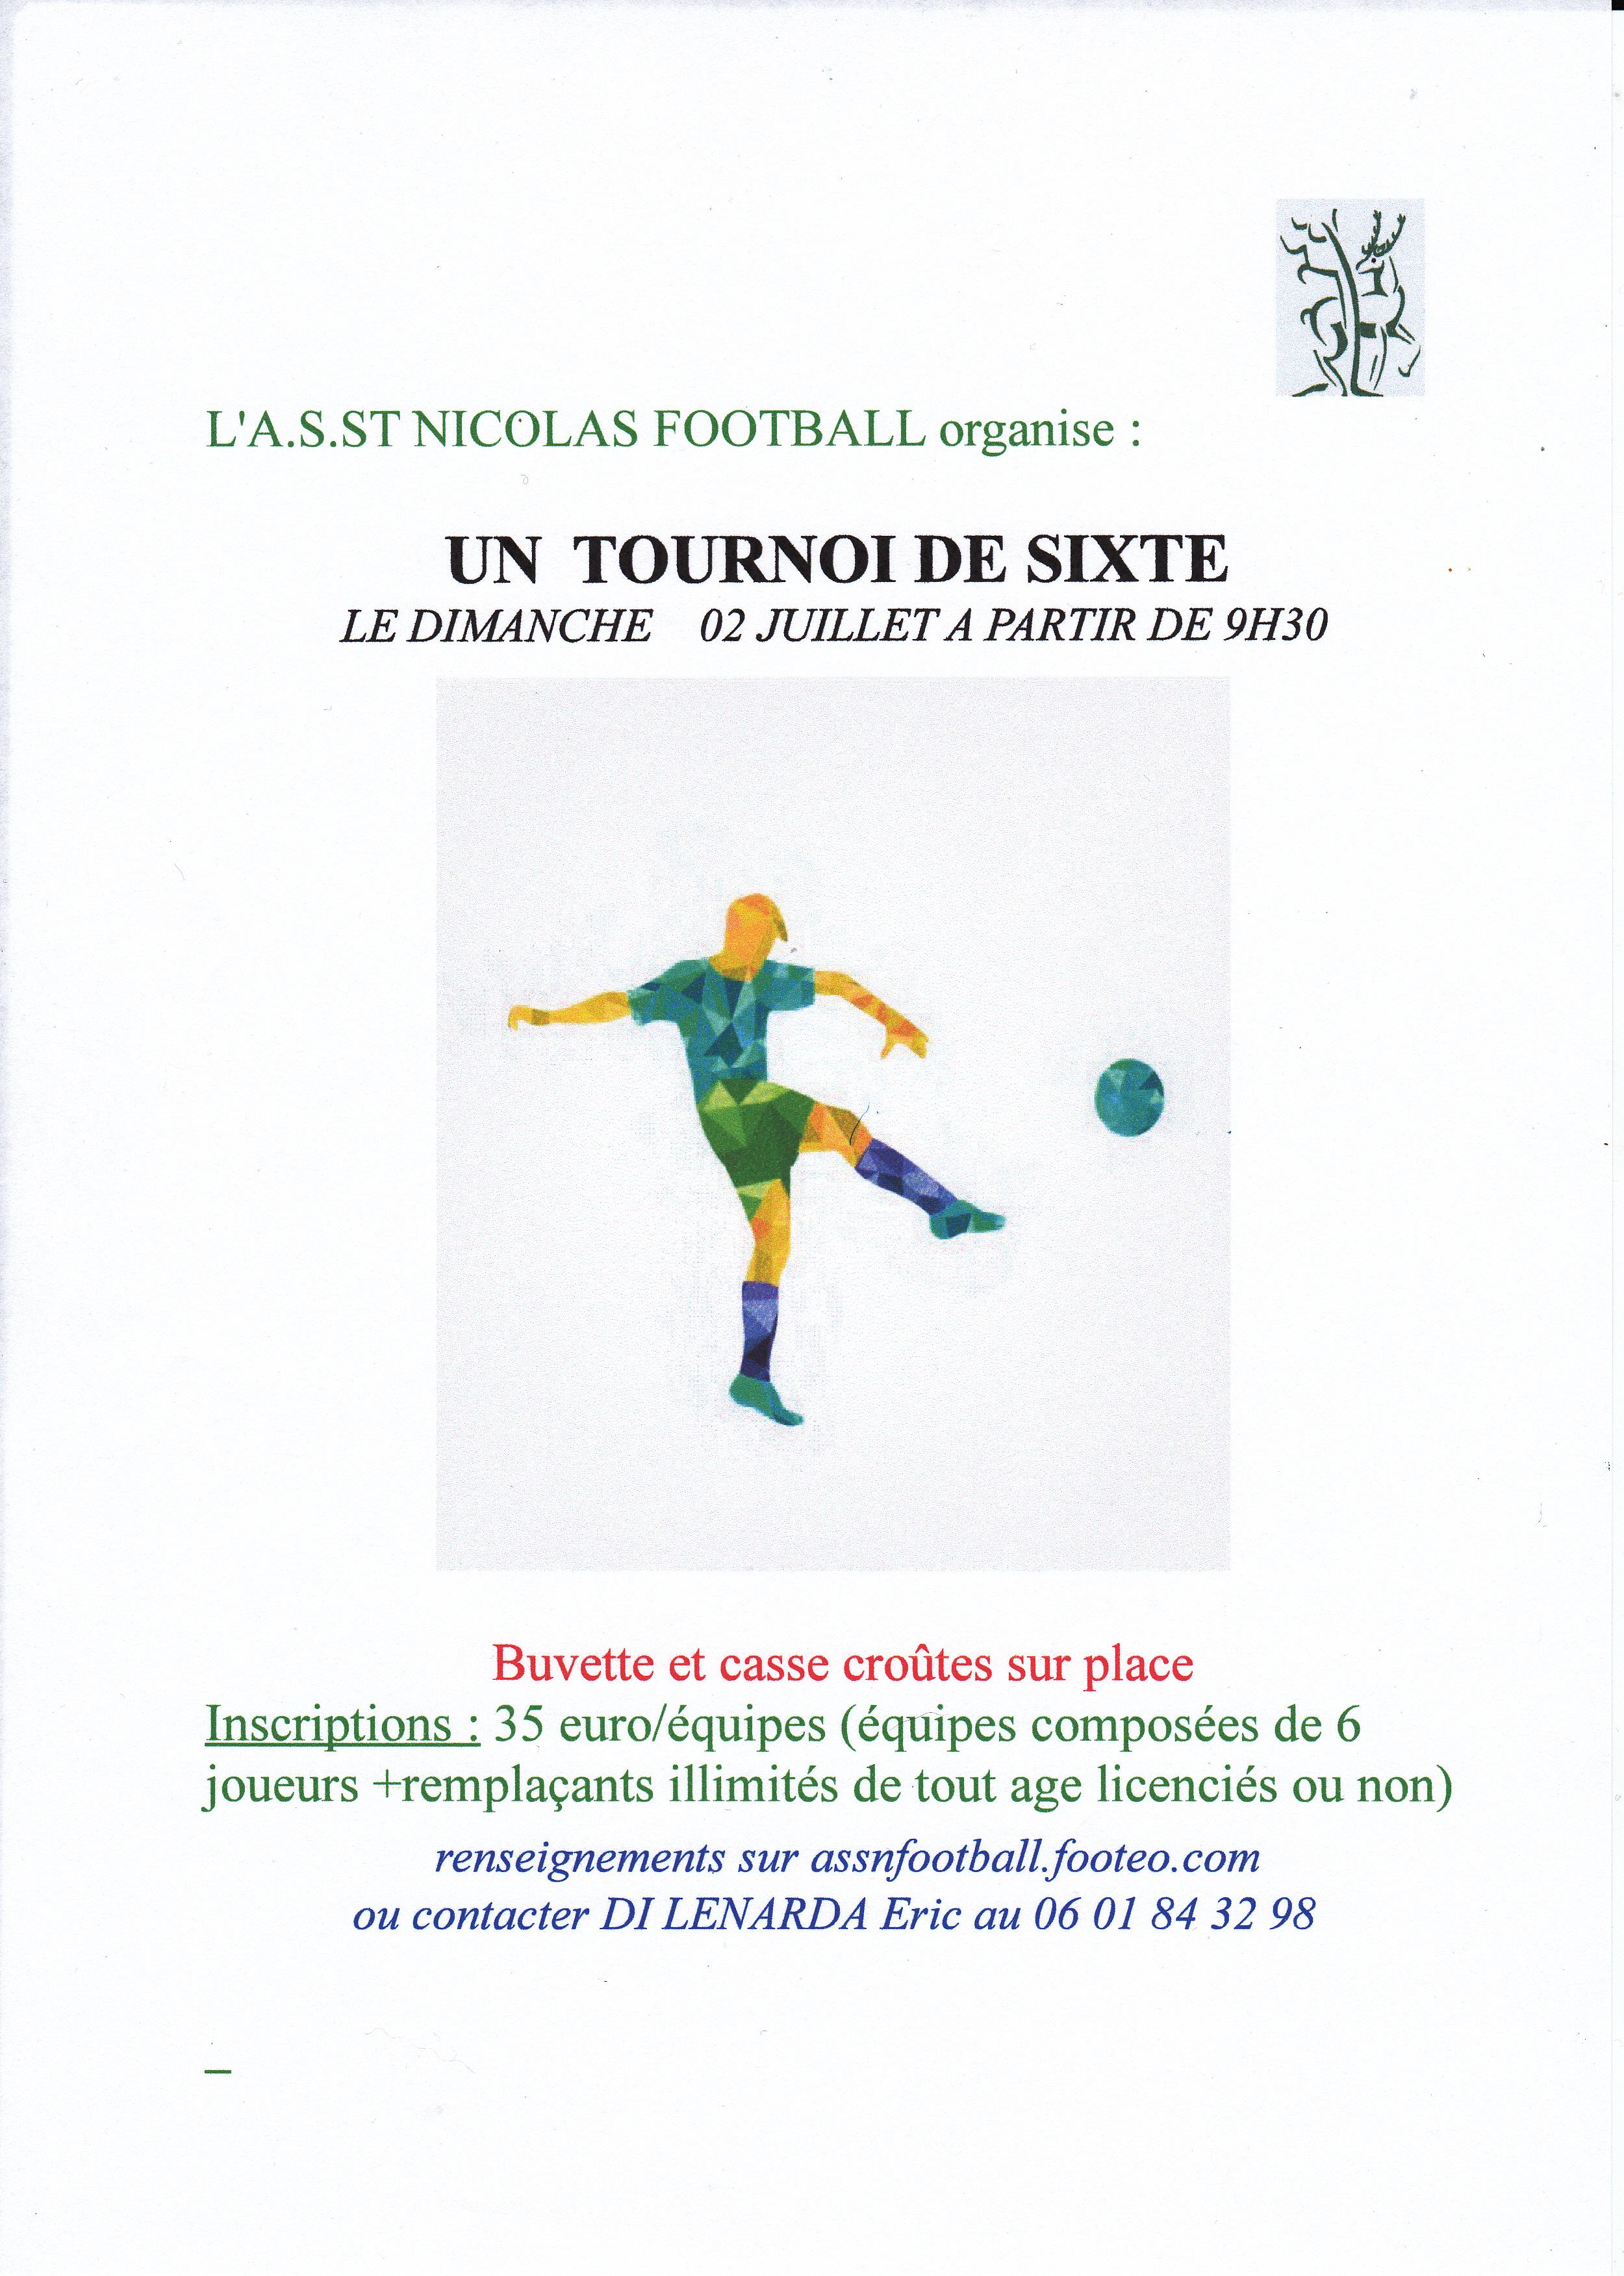 tournoi de sixte 2017